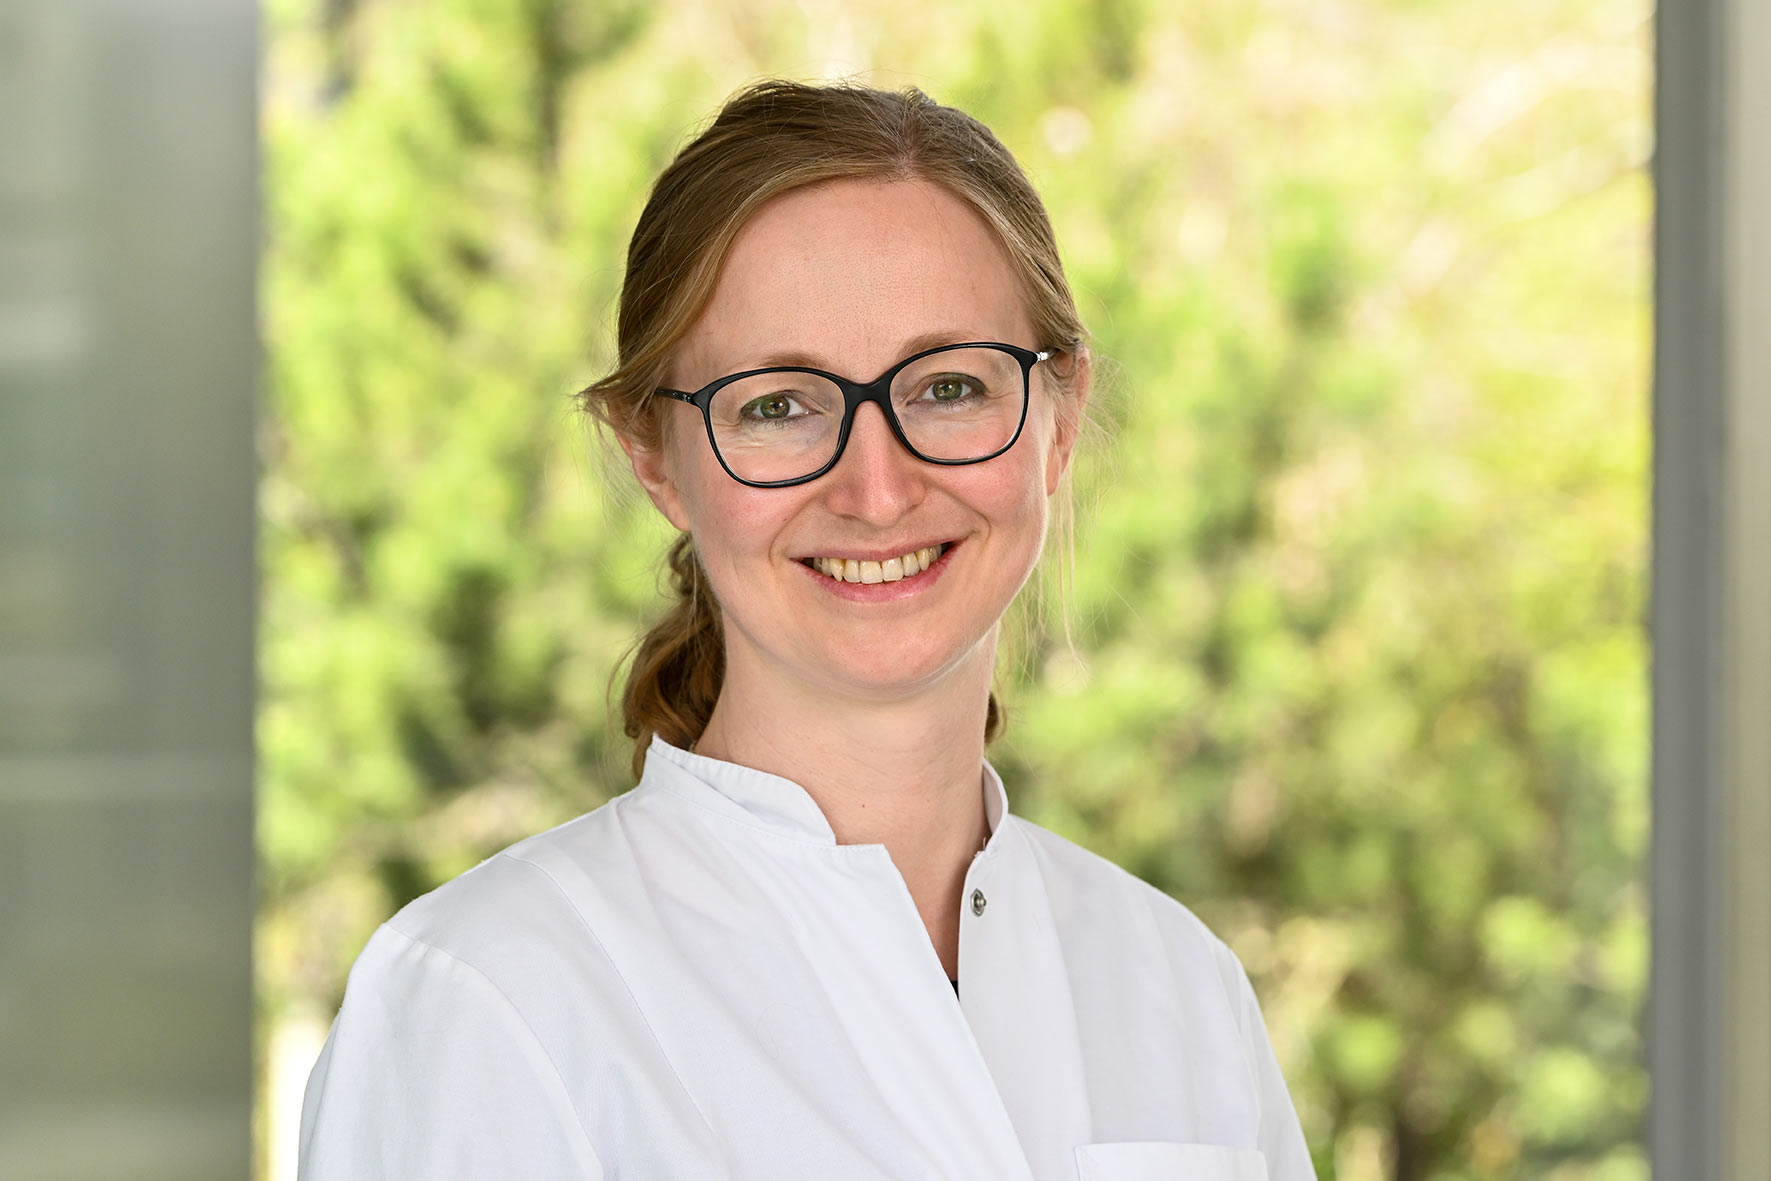 Ruth Eichner